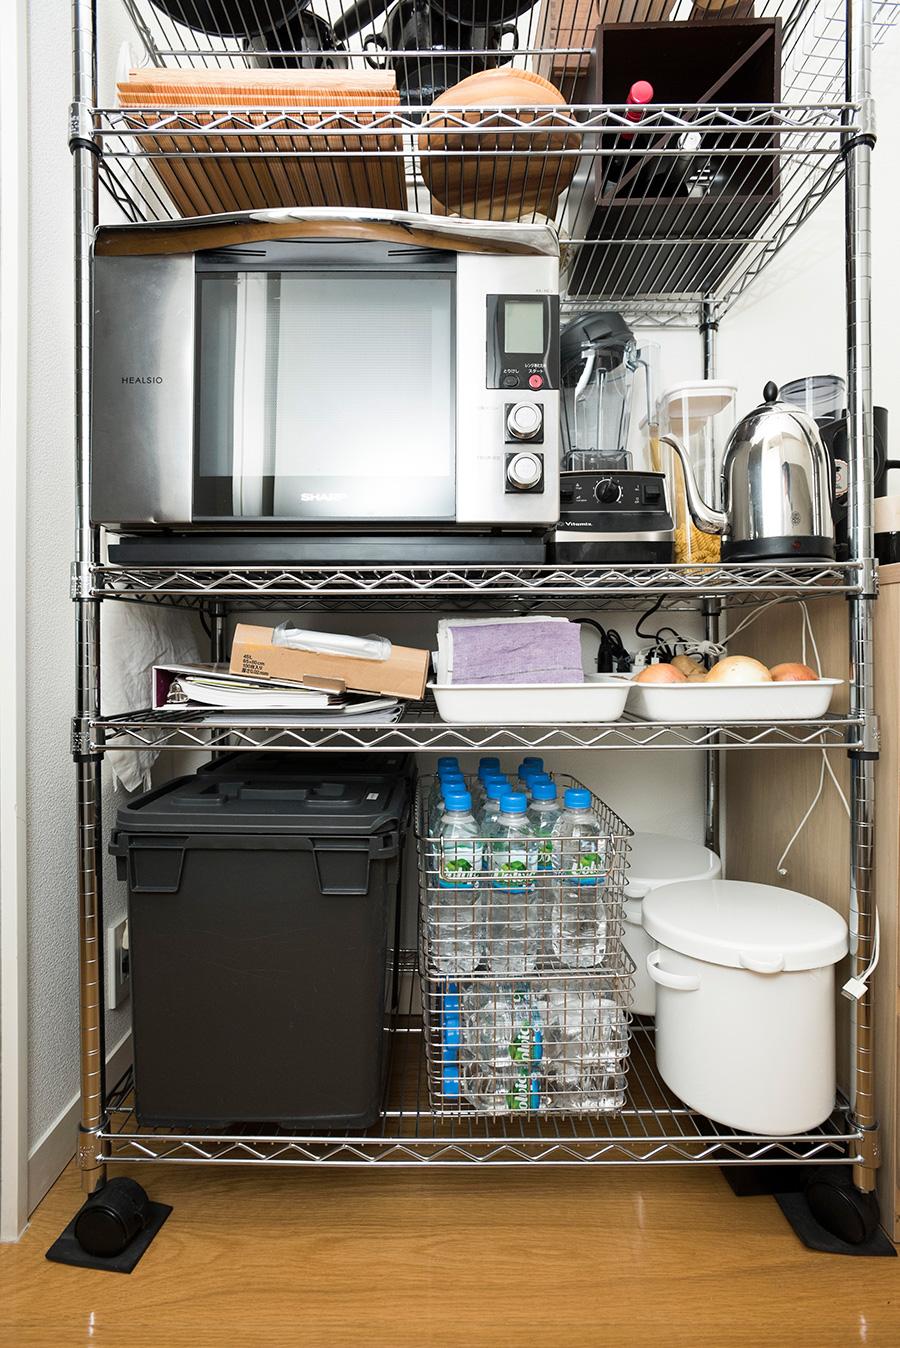 スチールワゴンの下の方にはお米を入れた容器やペットボトルなど、重さのあるものを。